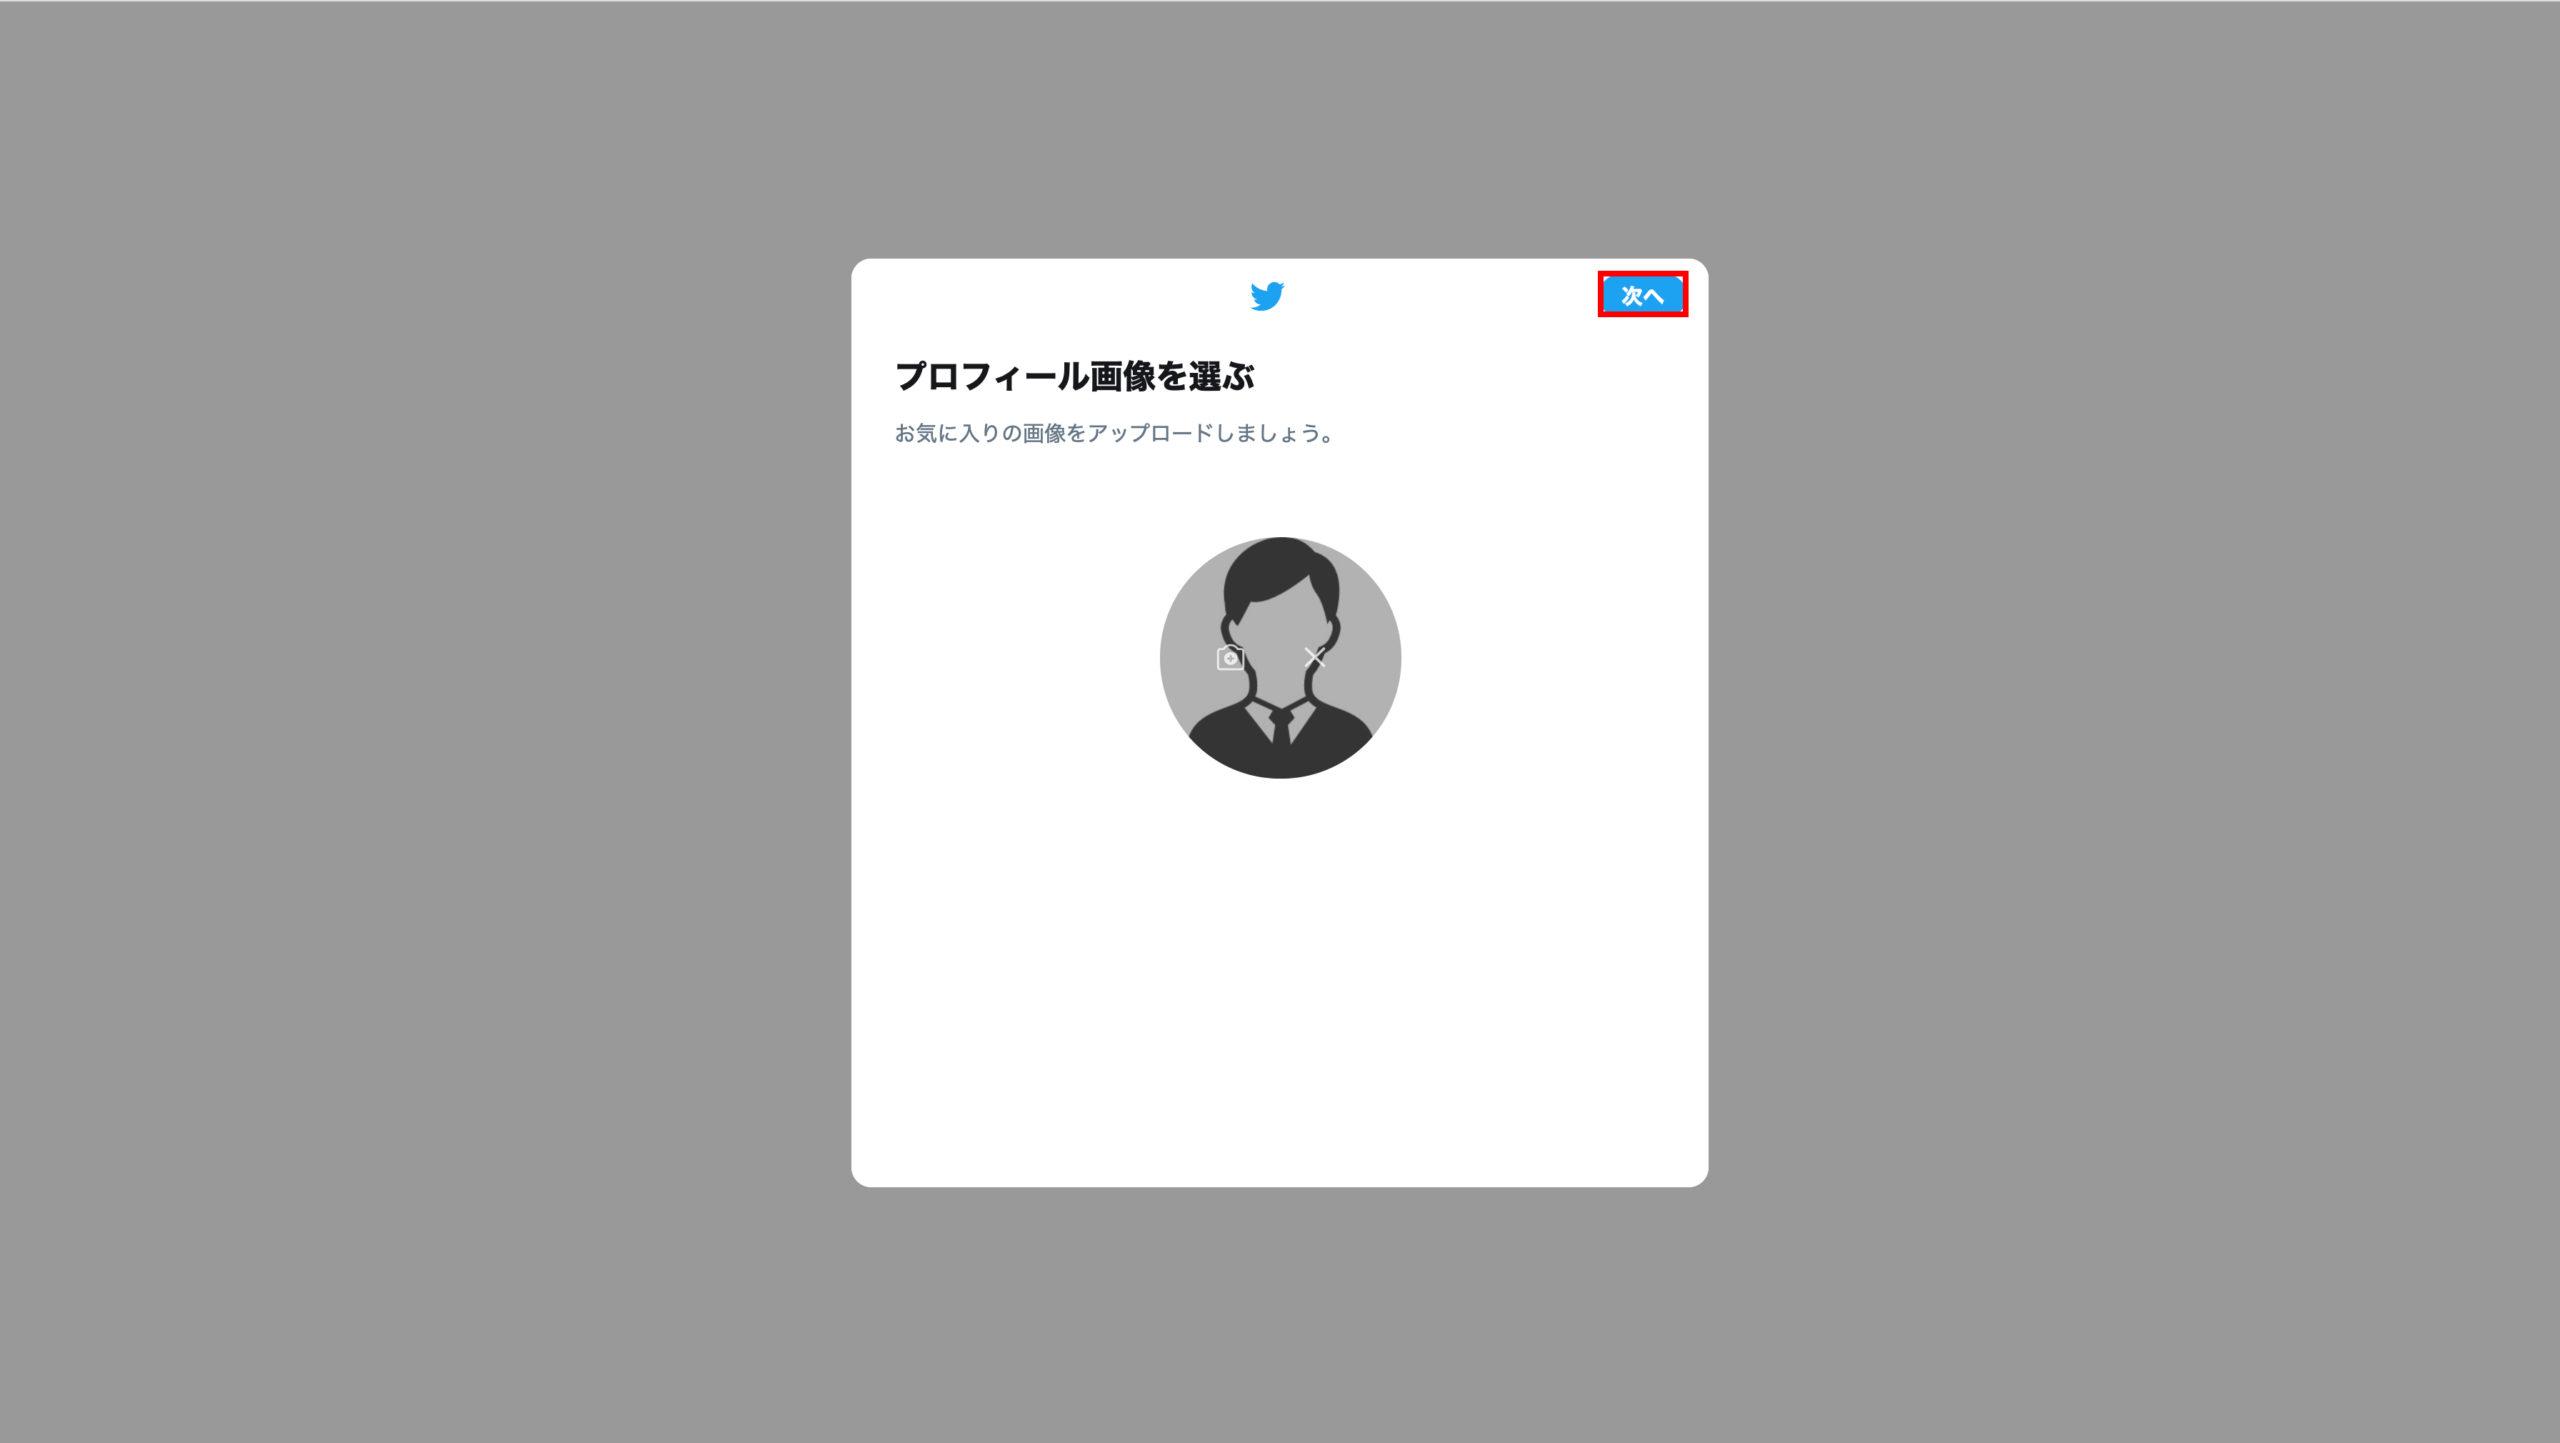 Twitterのプロフィール画像の設定画面